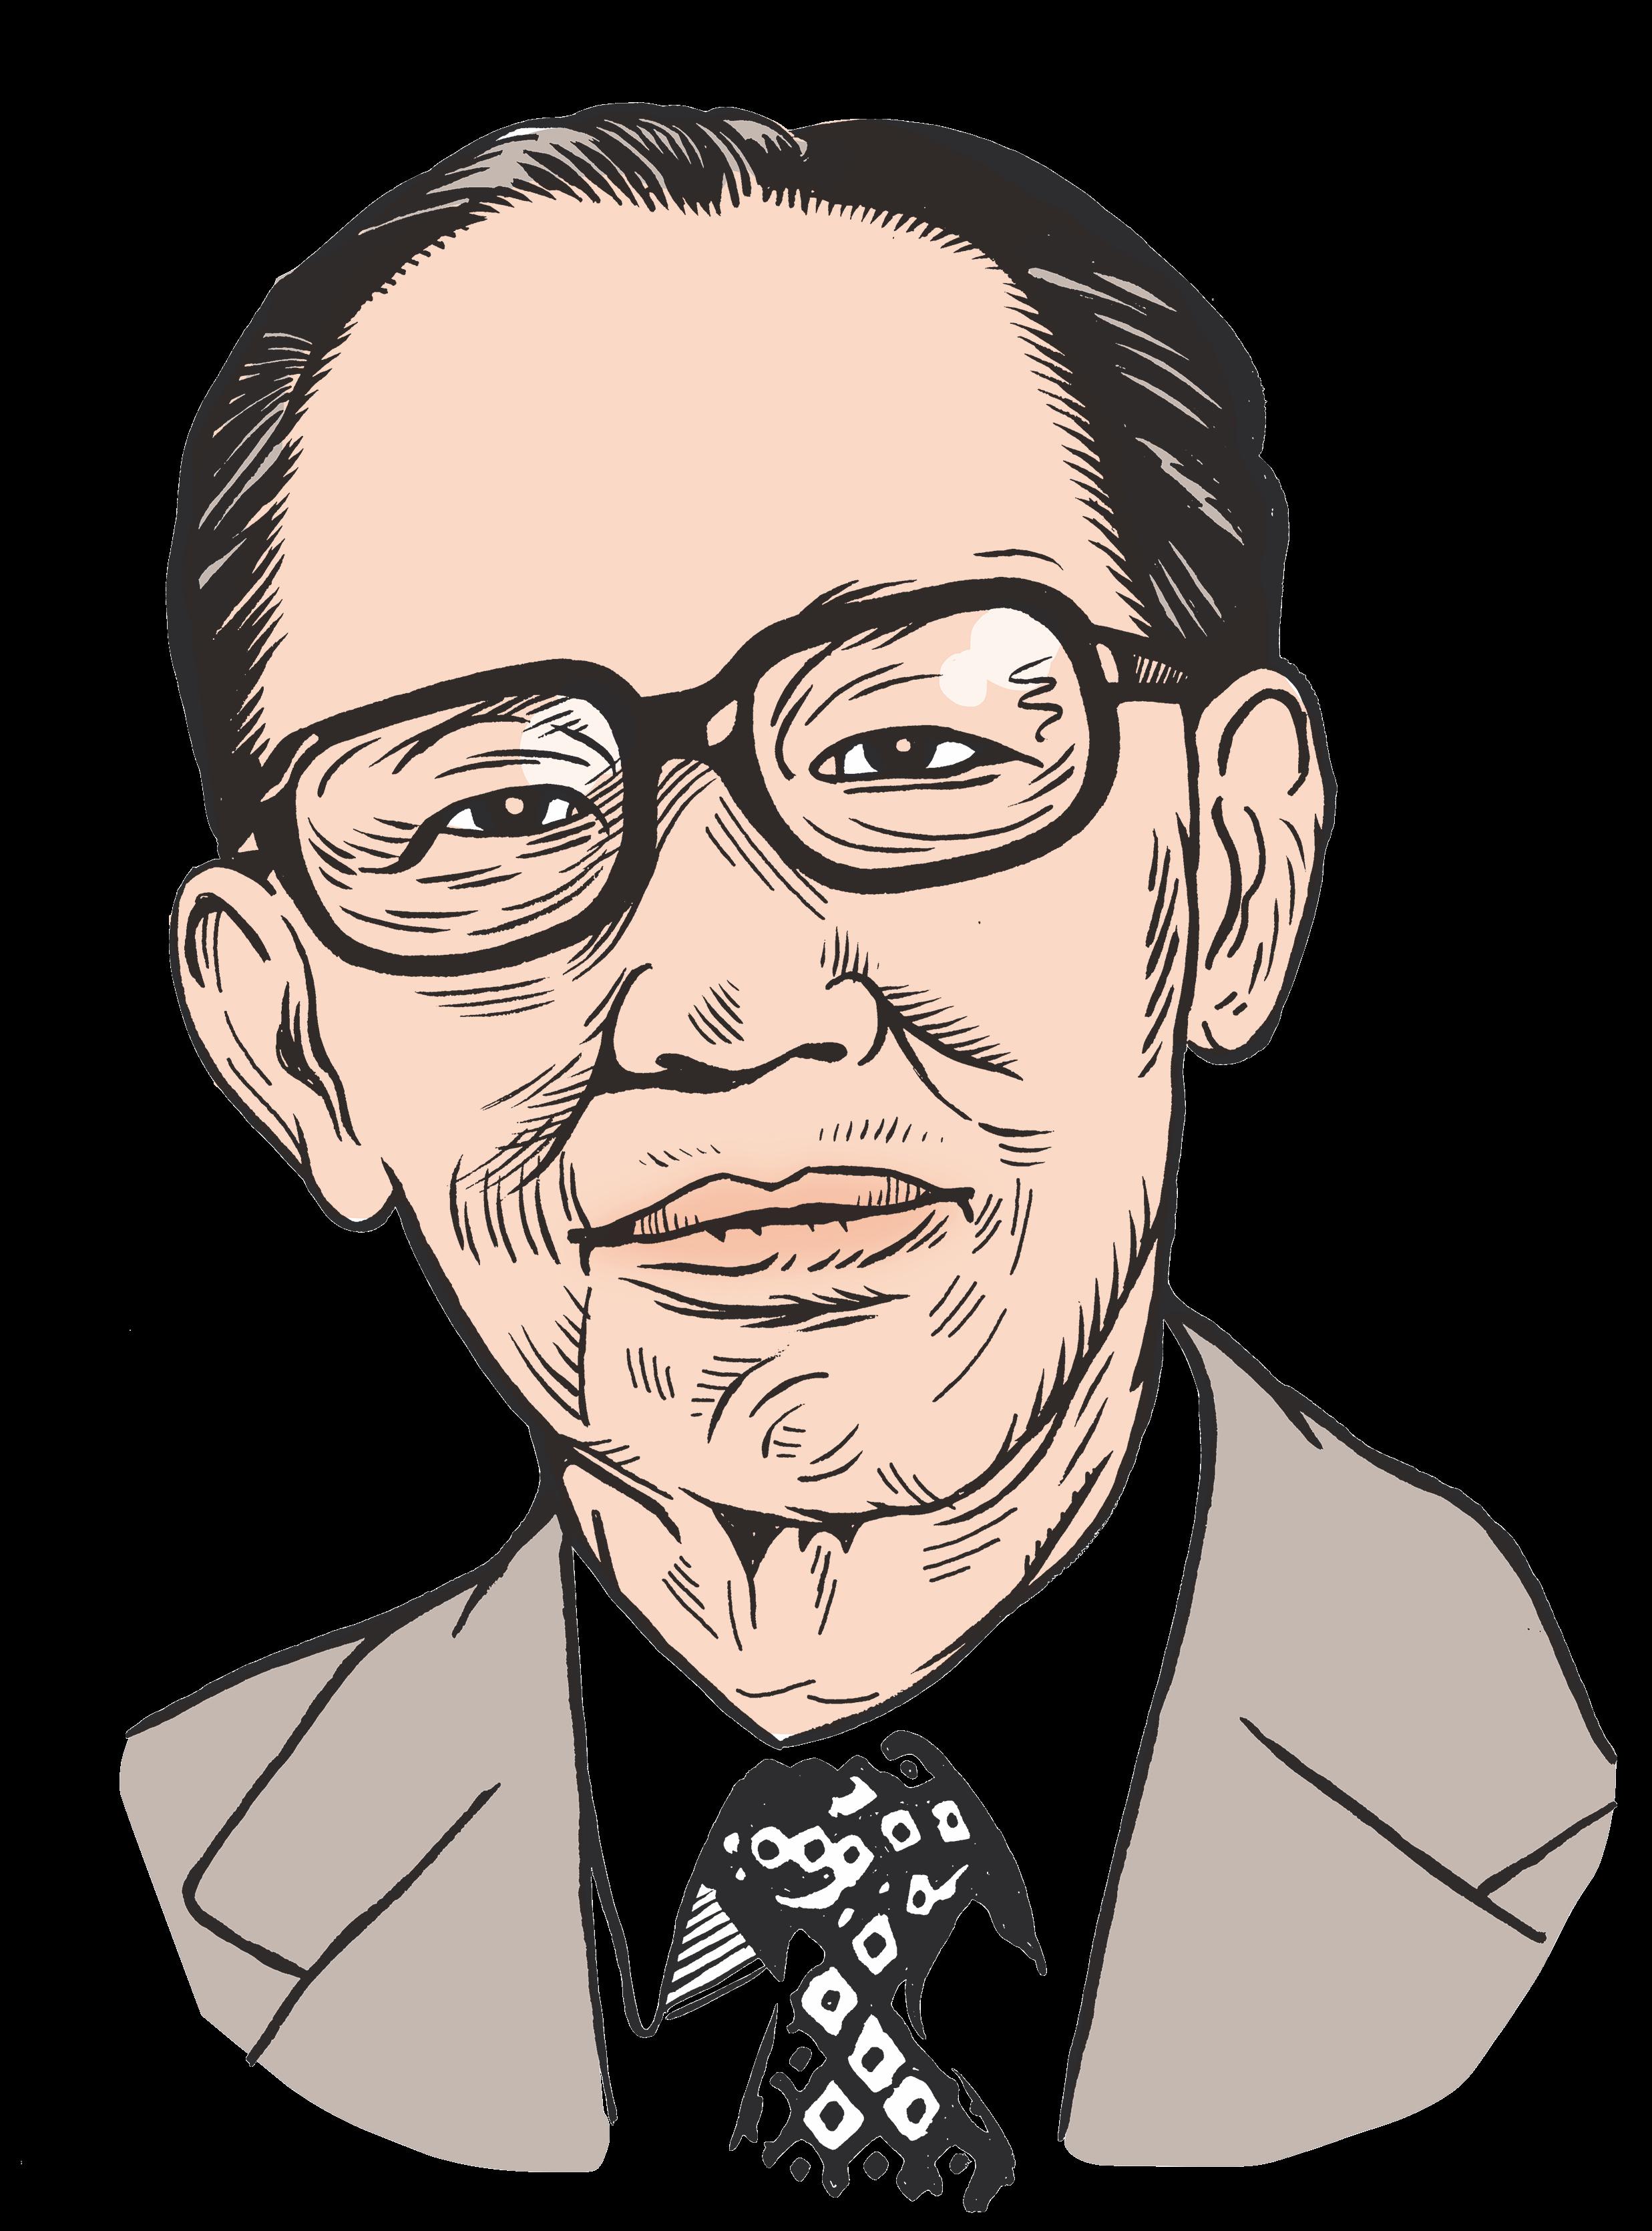 les auteurs du 1 : Lim Thean Soo